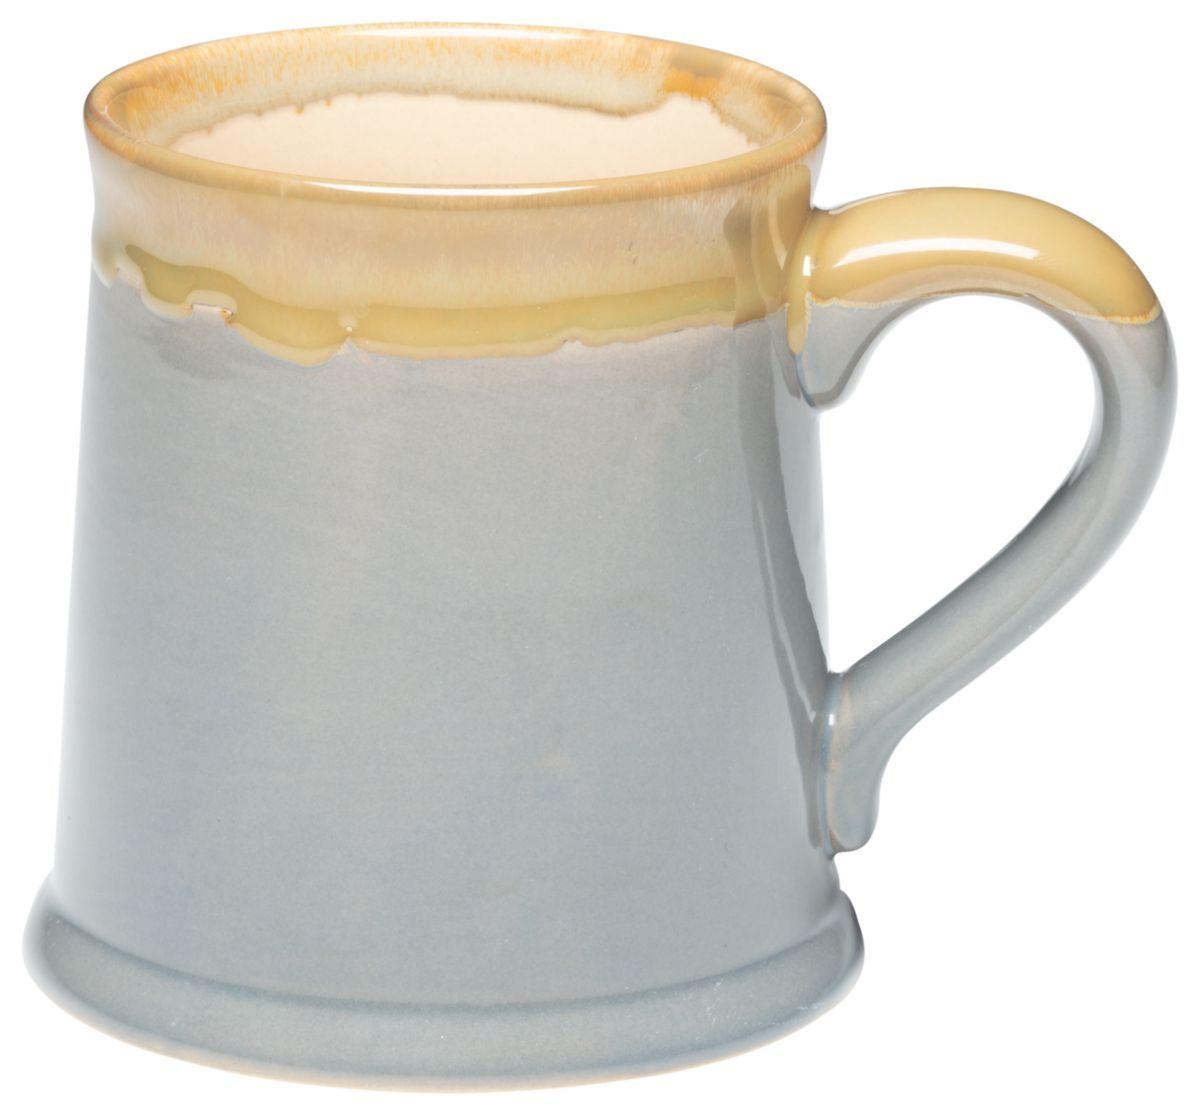 Cabela's Illustrated Reactive Glaze Stoneware Mug